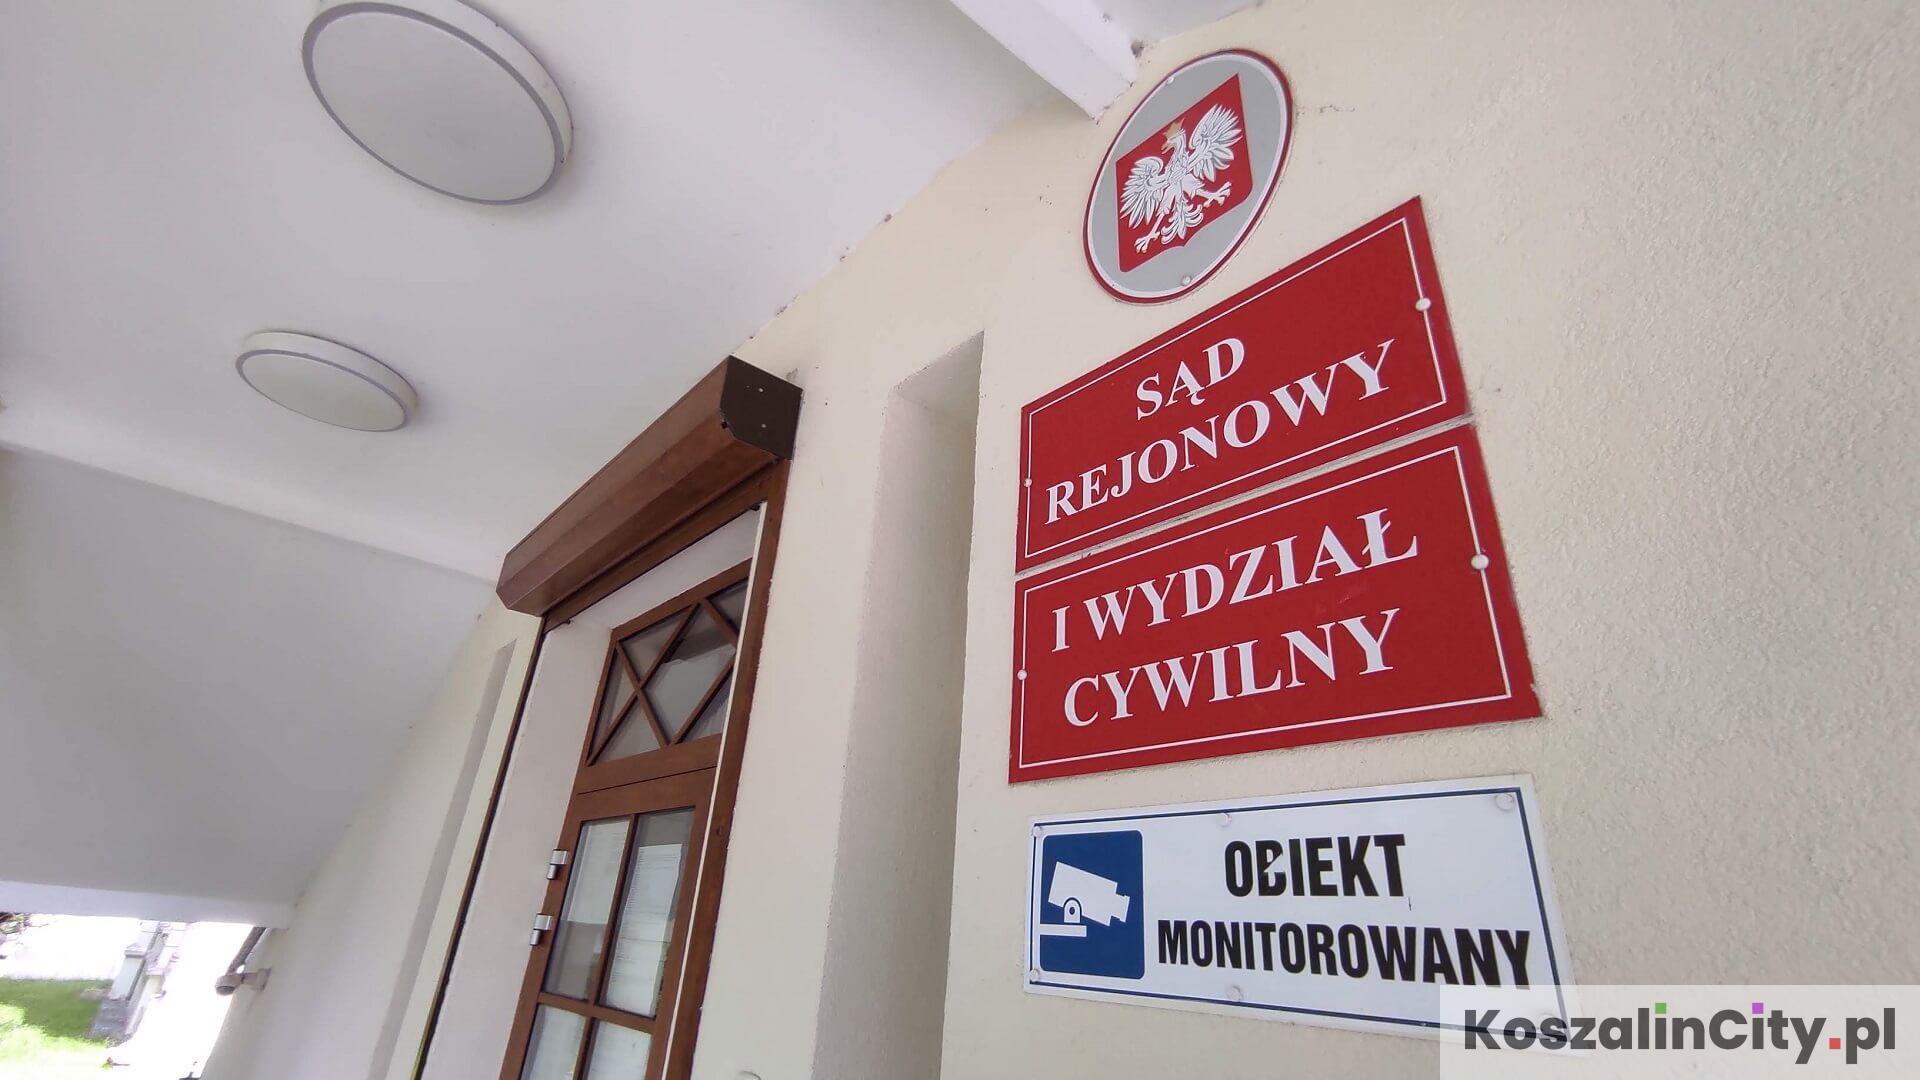 Sąd Rejonowy - I Wydział Cywilny w Koszalinie